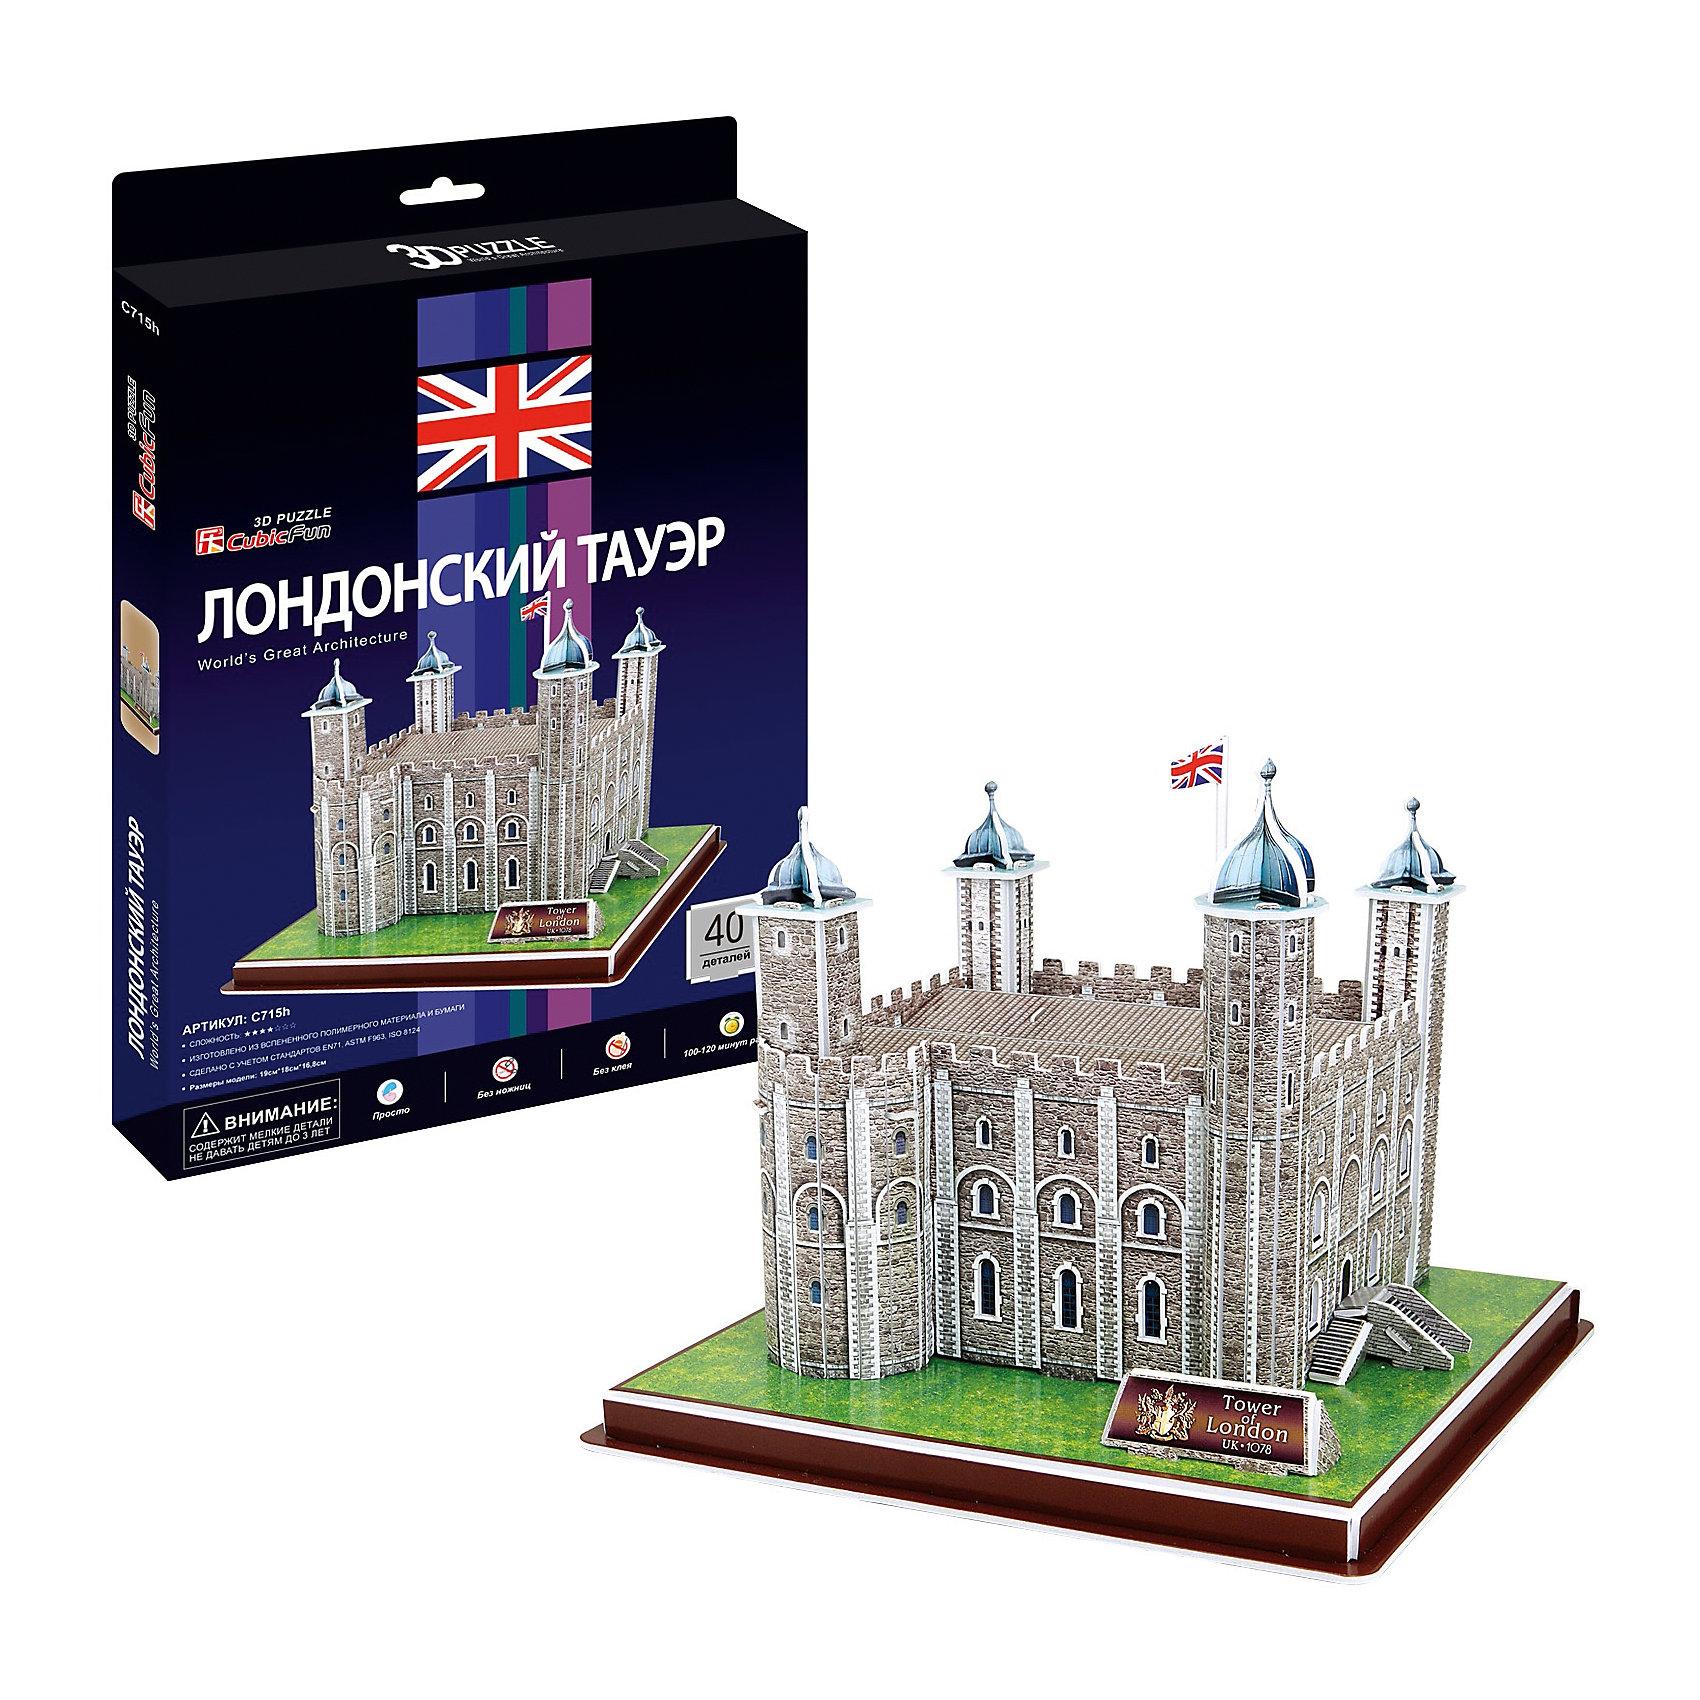 Пазл 3D Лондонский Тауэр (Великобритания), CubicFun3D пазлы<br>Cubic Fun C715h Кубик фан Лондонский Тауэр (Великобритания)<br>Лондонский Тауэр — крепость, возведённая на северном берегу реки Темза, исторический центр города Лондон. Одно из старейших исторических сооружений Великобритании, долгое время служившее резиденцией английских монархов.<br>Уровень сложности - 4.<br>Функции<br>- помогает в развитии логики и творческих способностей ребенка;<br>- помогает в формировании мышления, речи, внимания, восприятия и воображения;<br>- развивает моторику рук;<br>- расширяет кругозор ребенка и стимулирует к познанию новой информации.<br>Практические характеристики:<br>- обучающая, яркая и реалистичная модель;<br>- идеально и легко собирается без инструментов;<br>- увлекательный игровой процесс;<br>- тематический ассортимент;<br>- новый качественный материал (ламинированный пенокартон).<br><br>Ширина мм: 20<br>Глубина мм: 330<br>Высота мм: 220<br>Вес г: 283<br>Возраст от месяцев: 72<br>Возраст до месяцев: 192<br>Пол: Унисекс<br>Возраст: Детский<br>SKU: 4951144